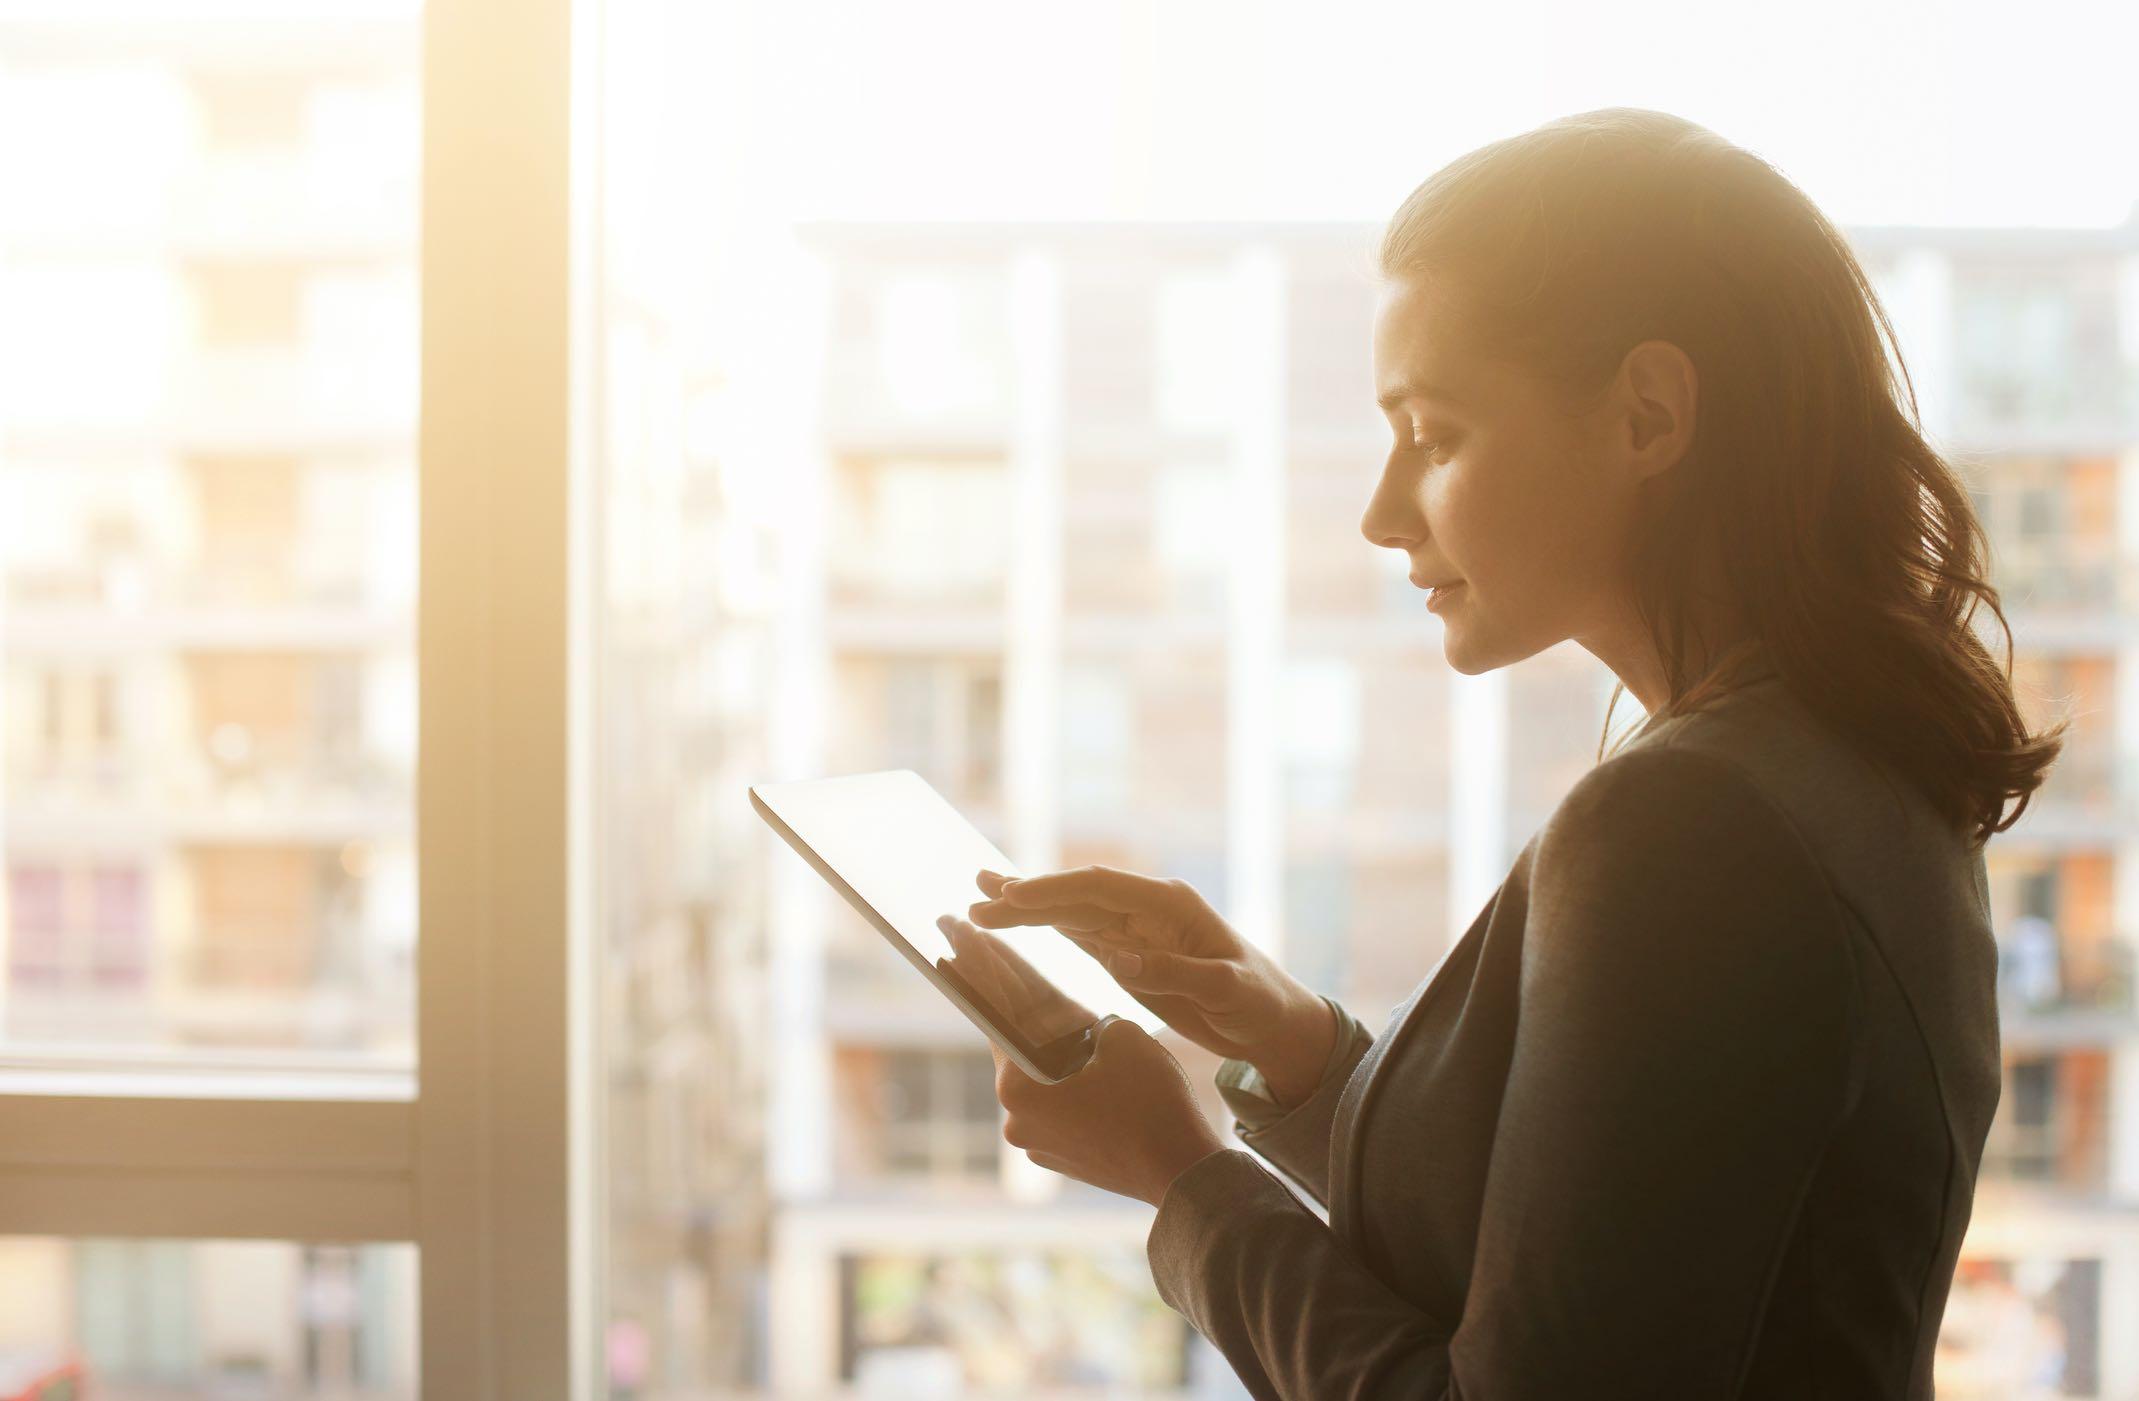 A imagem contém uma mulher em um escritório usando um tablet